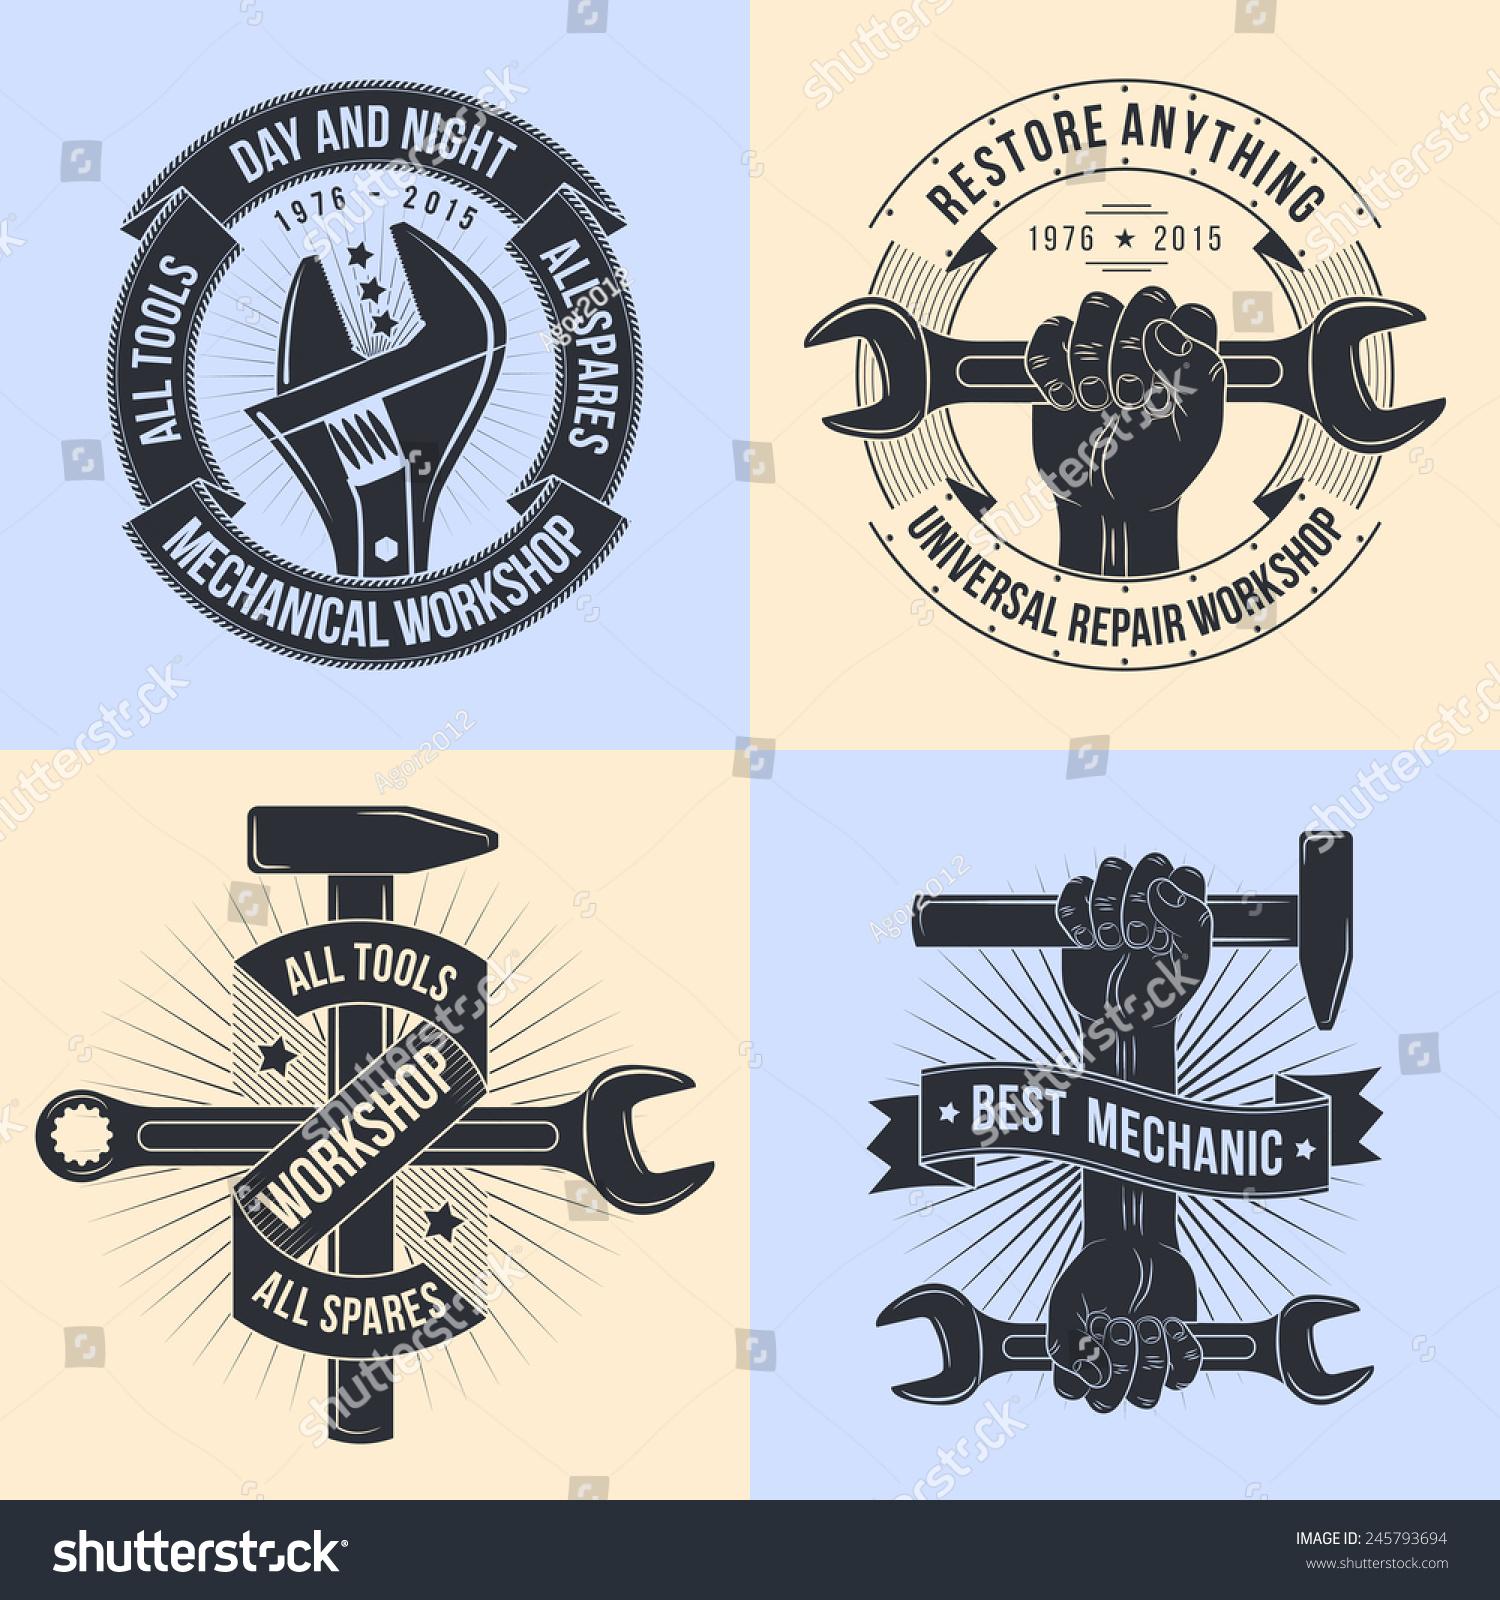 Logo Repair Workshop Old School Style Stock Vector ...